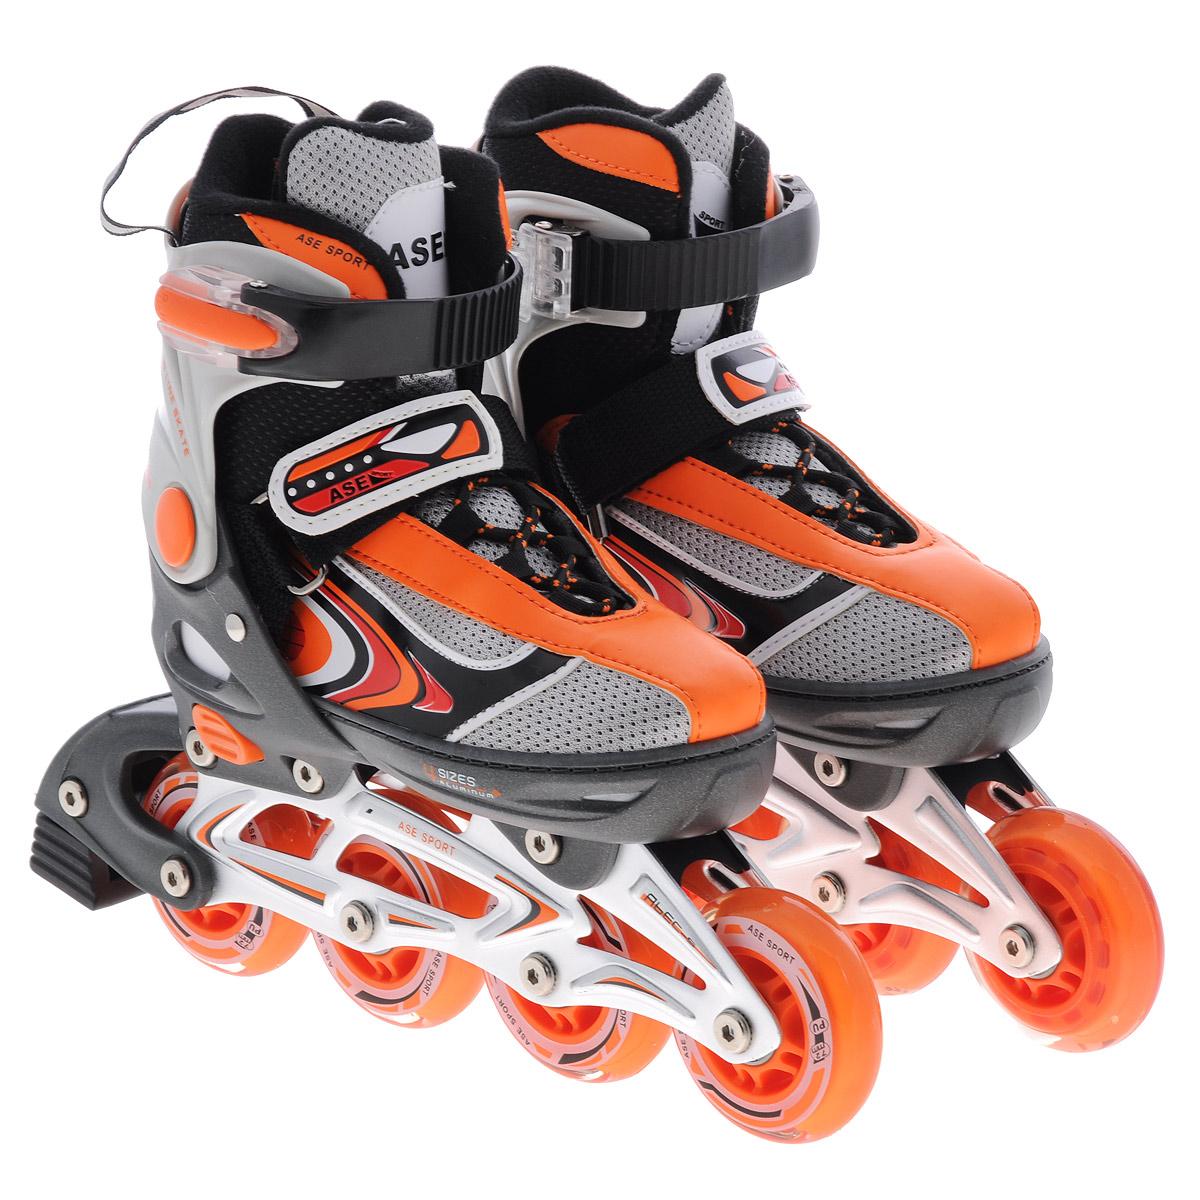 Коньки роликовые Ase-Sport, раздвижные, цвет: серый, оранжевый. ASE-626B. Размер S (33/36)ASE-626B-2Верх сапожка изготовлен из современного синтетического материала, стойкого к внешним воздействиям. Внутри сапожка отделка сделана из мягкого синтетического материала с мягкой подкладкой в боковых частях для более удобной и надежной фиксации ноги во время катания. Застежка типа AUTO LOCK удобно регулируется на нужный размер. Система изменения размера корпуса (кнопка) проста в использовании, позволяет быстро и комфортно подогнать сапожок под ногу. Корпус коньков изготовлен из прочного пластика, стойкого к механическим нагрузкам и внешним воздействиям окружающей среды. Ударопрочная пластиковая силовая манжета. Алюминиевая рама дает дополнительную прочность и скорость отталкивания во время катания. Стельки сделаны из специального вспененного материала, который удобно повторяет анатомическое строение стопы ноги и дополнительно поглощает вибрацию. Шнуровка коньков: матерчатые петли в сочетании с широким язычком, шнурки из полиэстера с синтетическими волокнами для более...